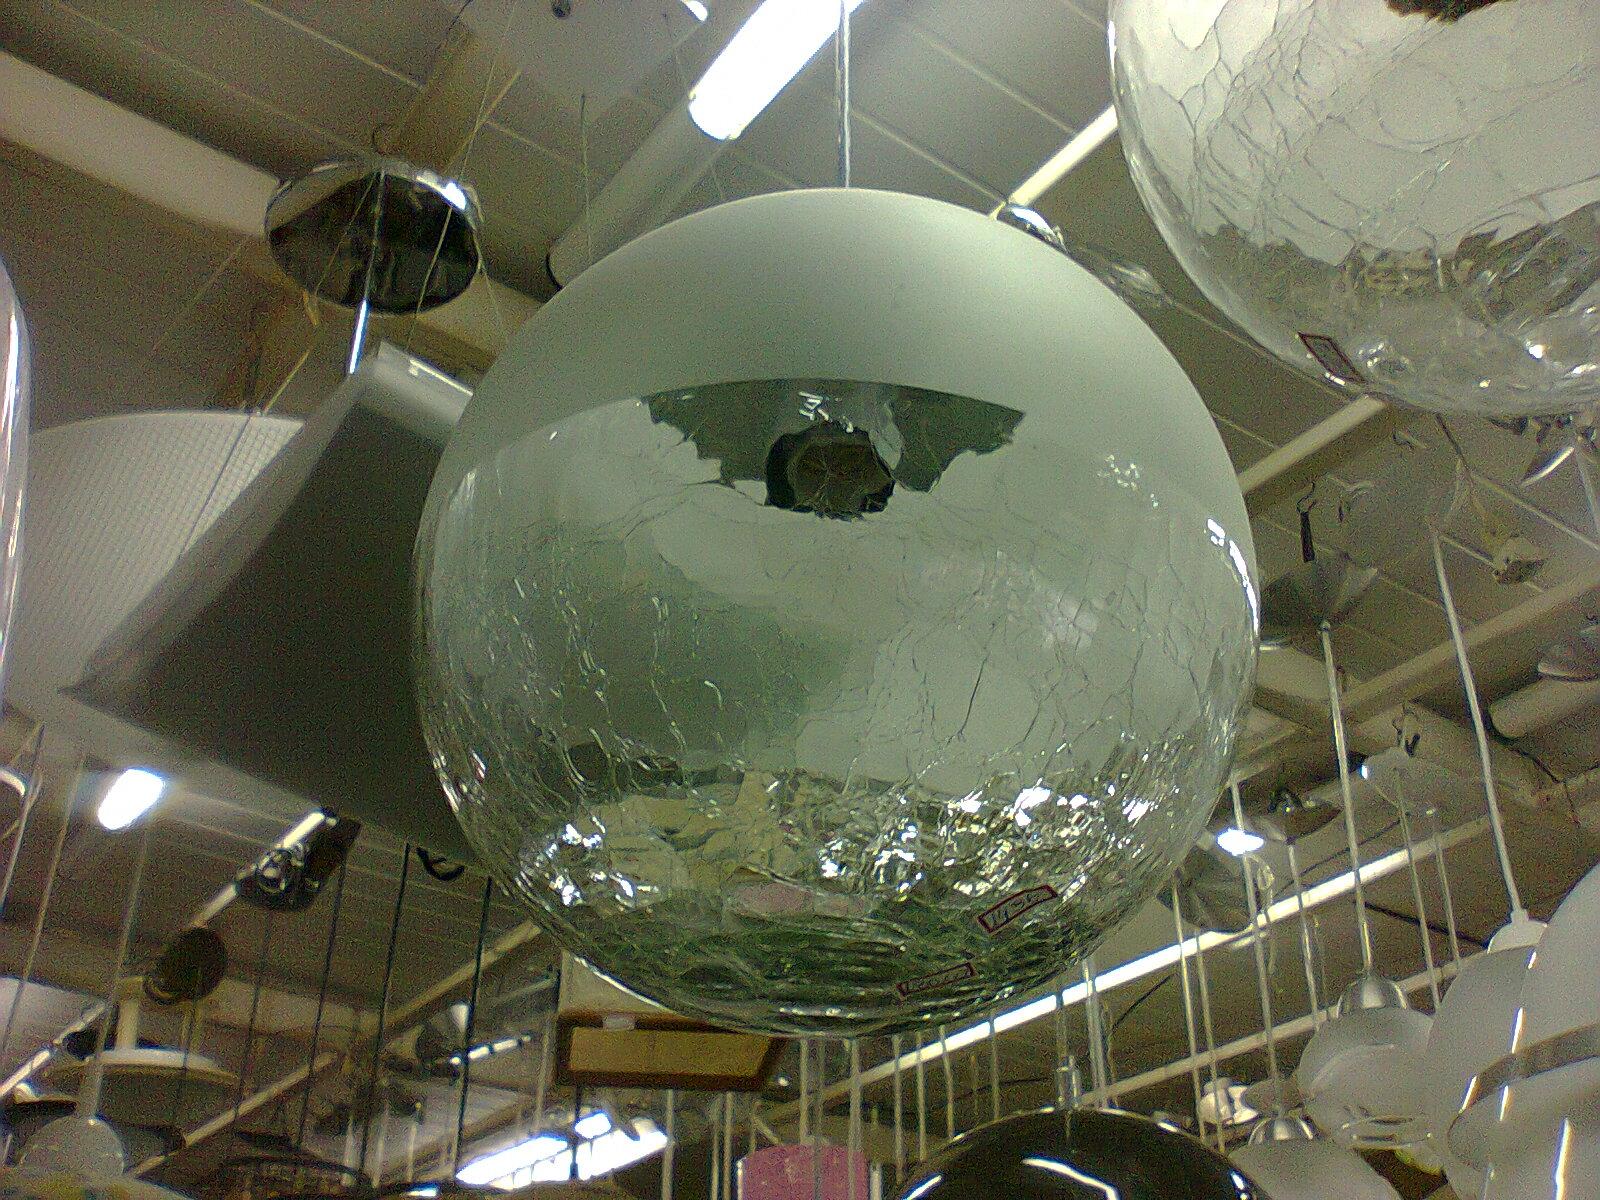 #4B5D80 Esse pendente é muito interessante com vidro craquelado na parte  1600x1200 px Banquetas Para Cozinha Americana Leroy Merlin_2821 Imagens